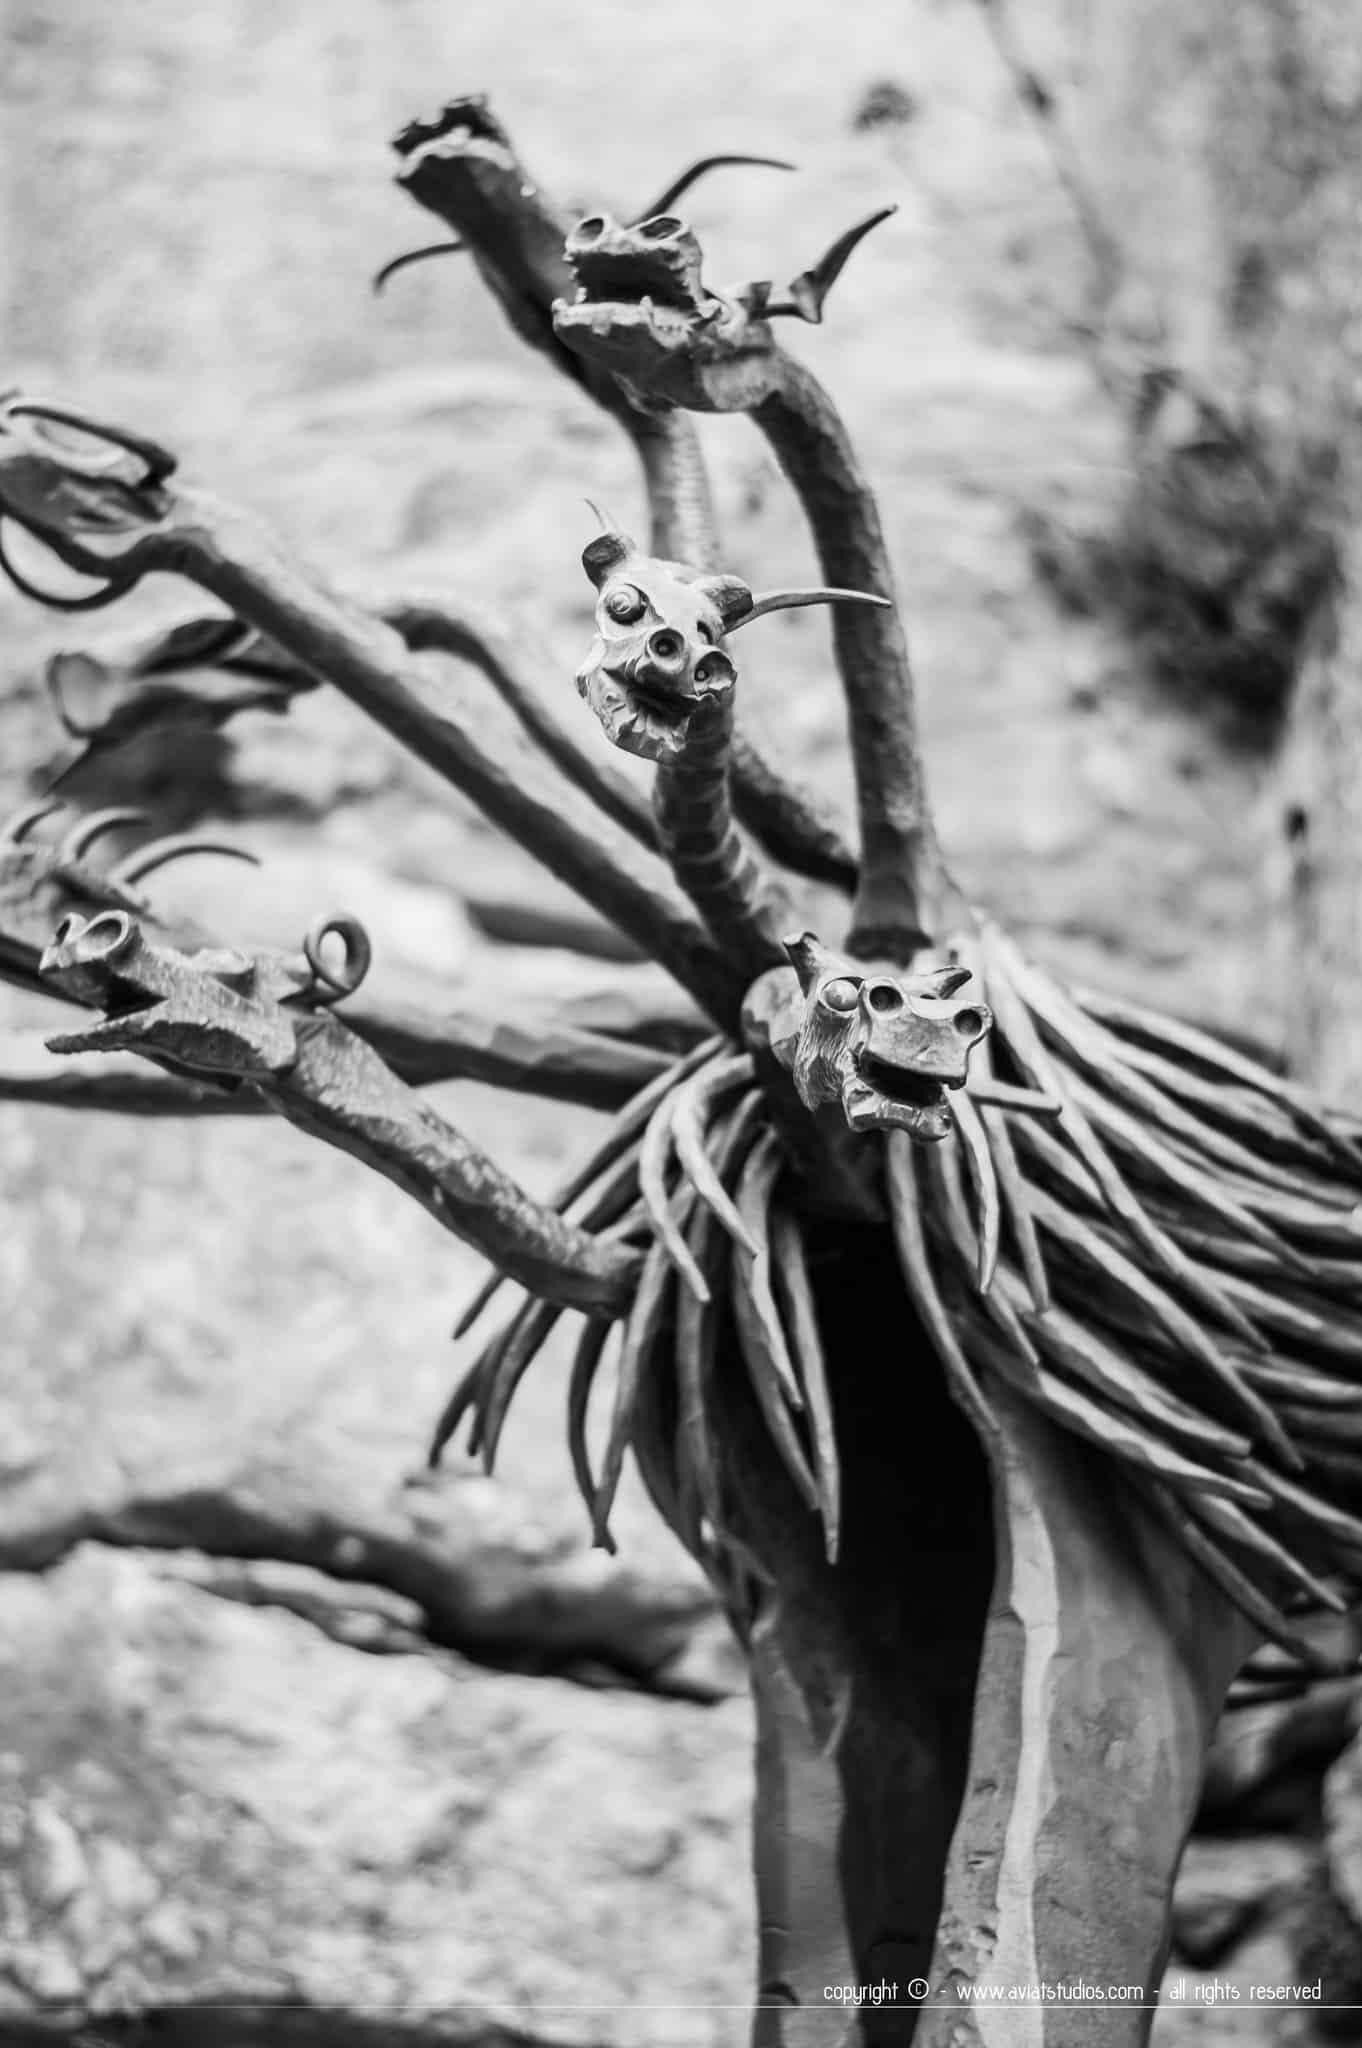 Une journée à Gourdon - Sculpture